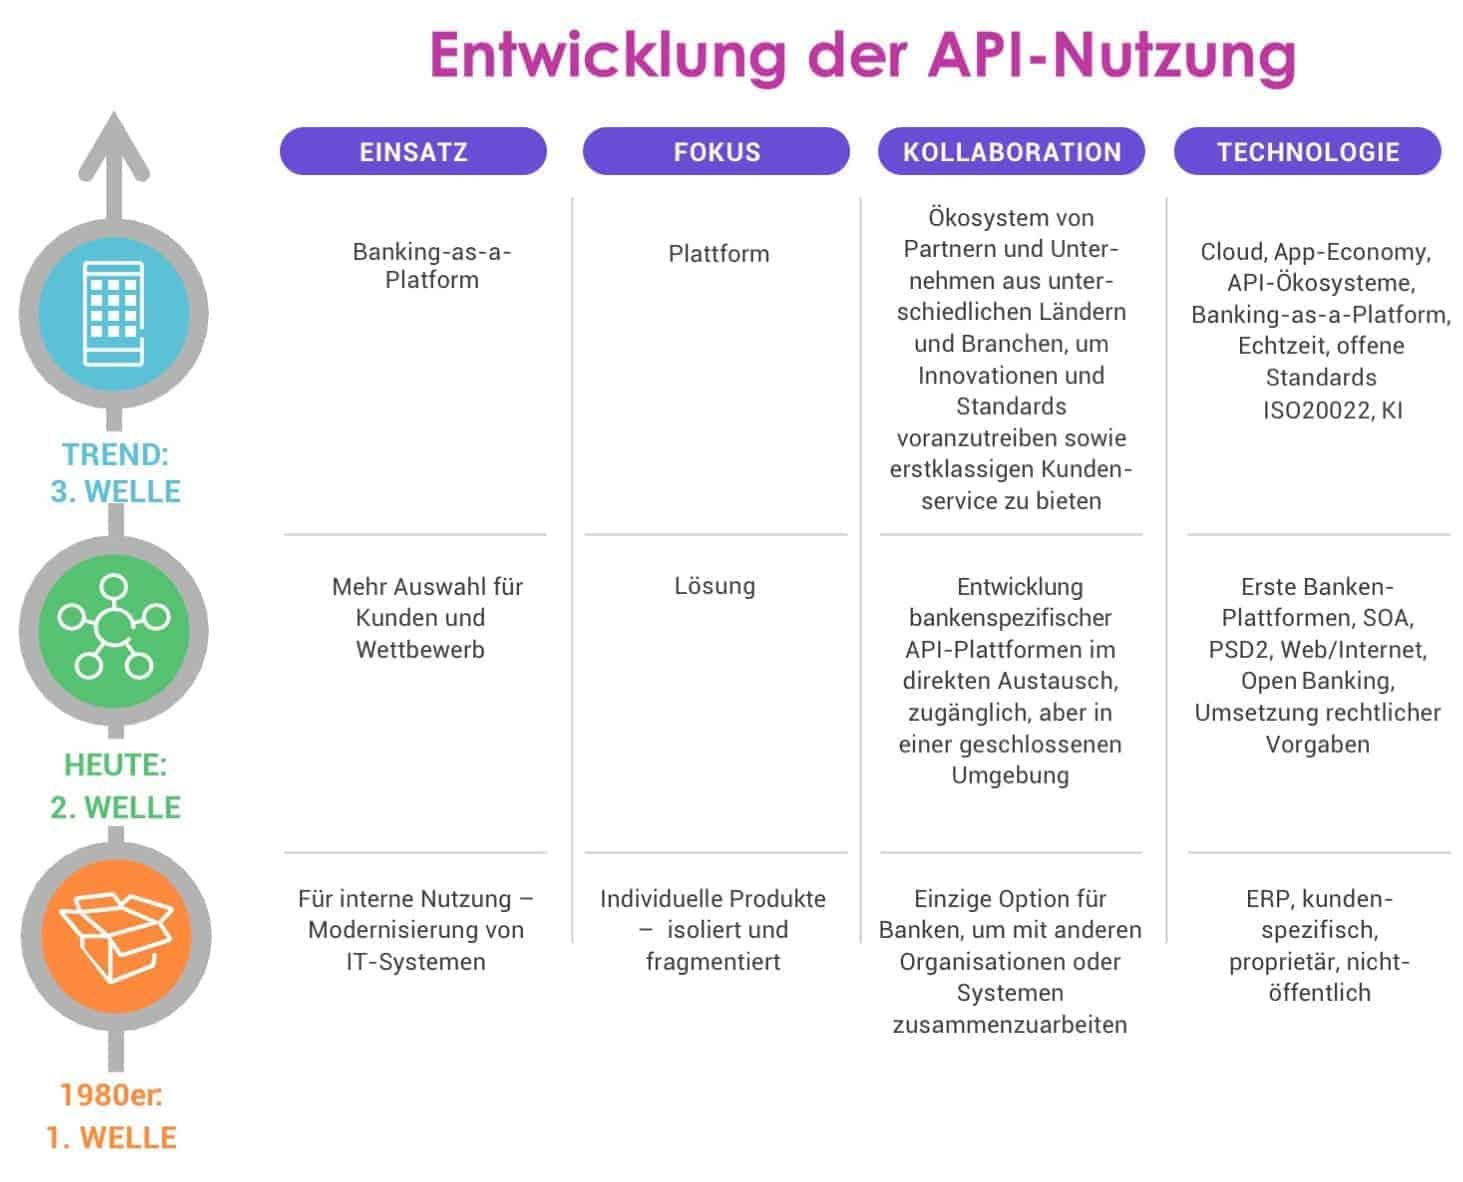 Die technologische Entwicklung entlang der drei Open-API-Wellen - gerade auch für das Payment.